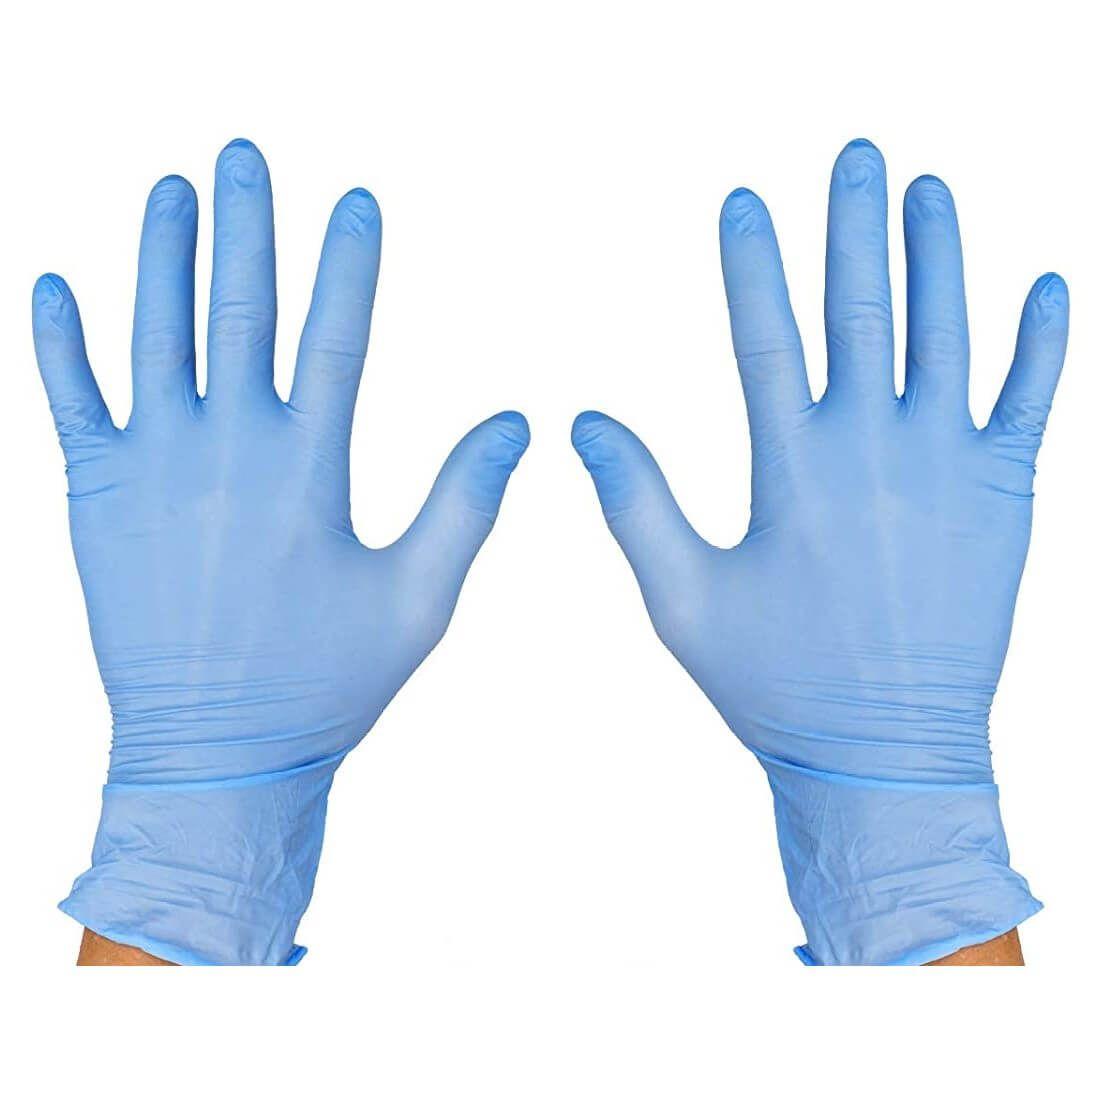 Pack de 100 guantes de nitrilo desechables